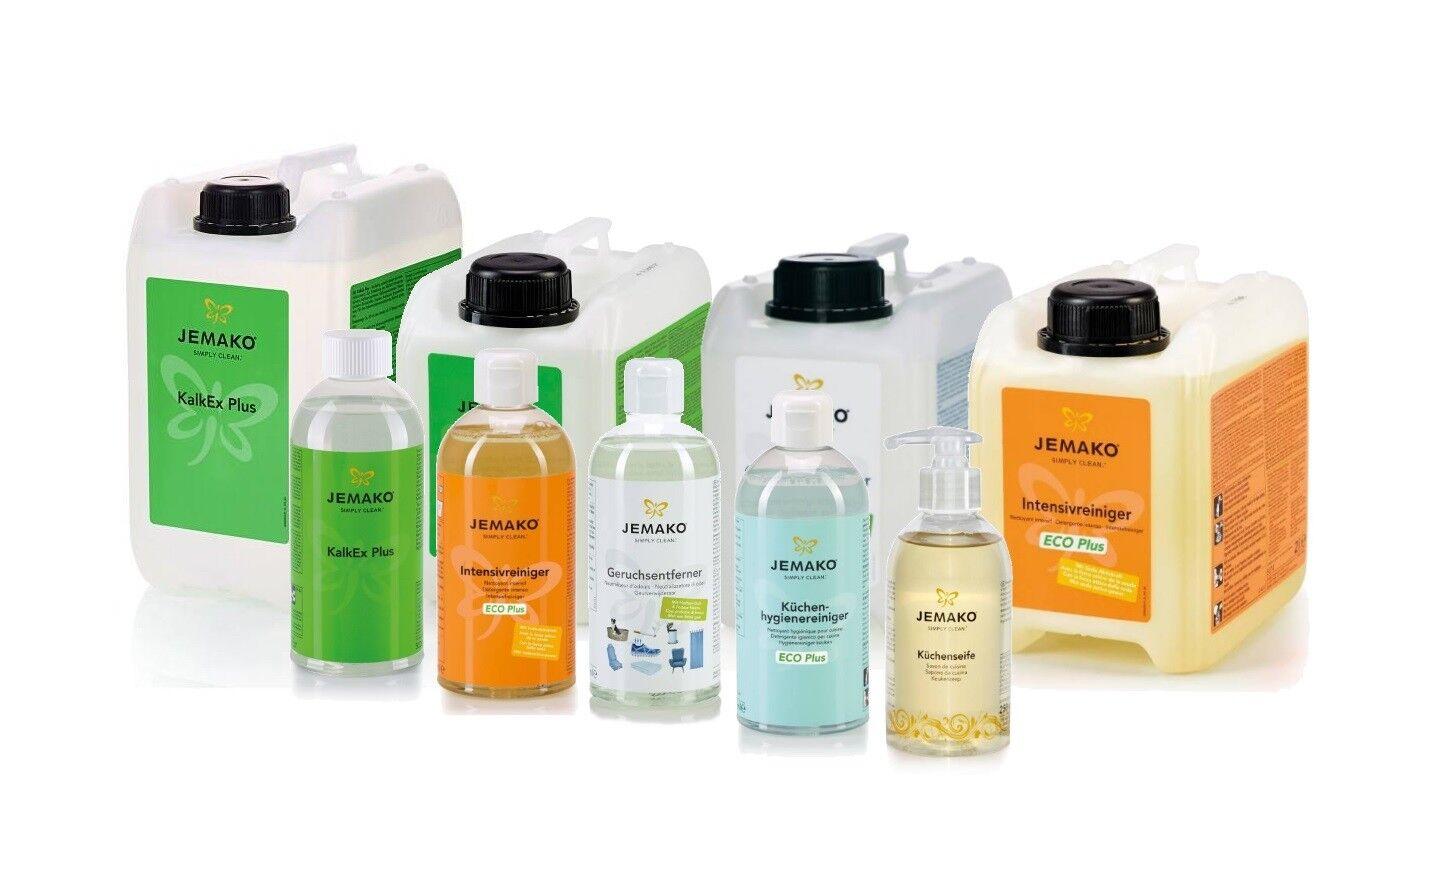 Kühlschrankreiniger : Hygienereiniger test vergleich hygienereiniger kaufen & sparen!